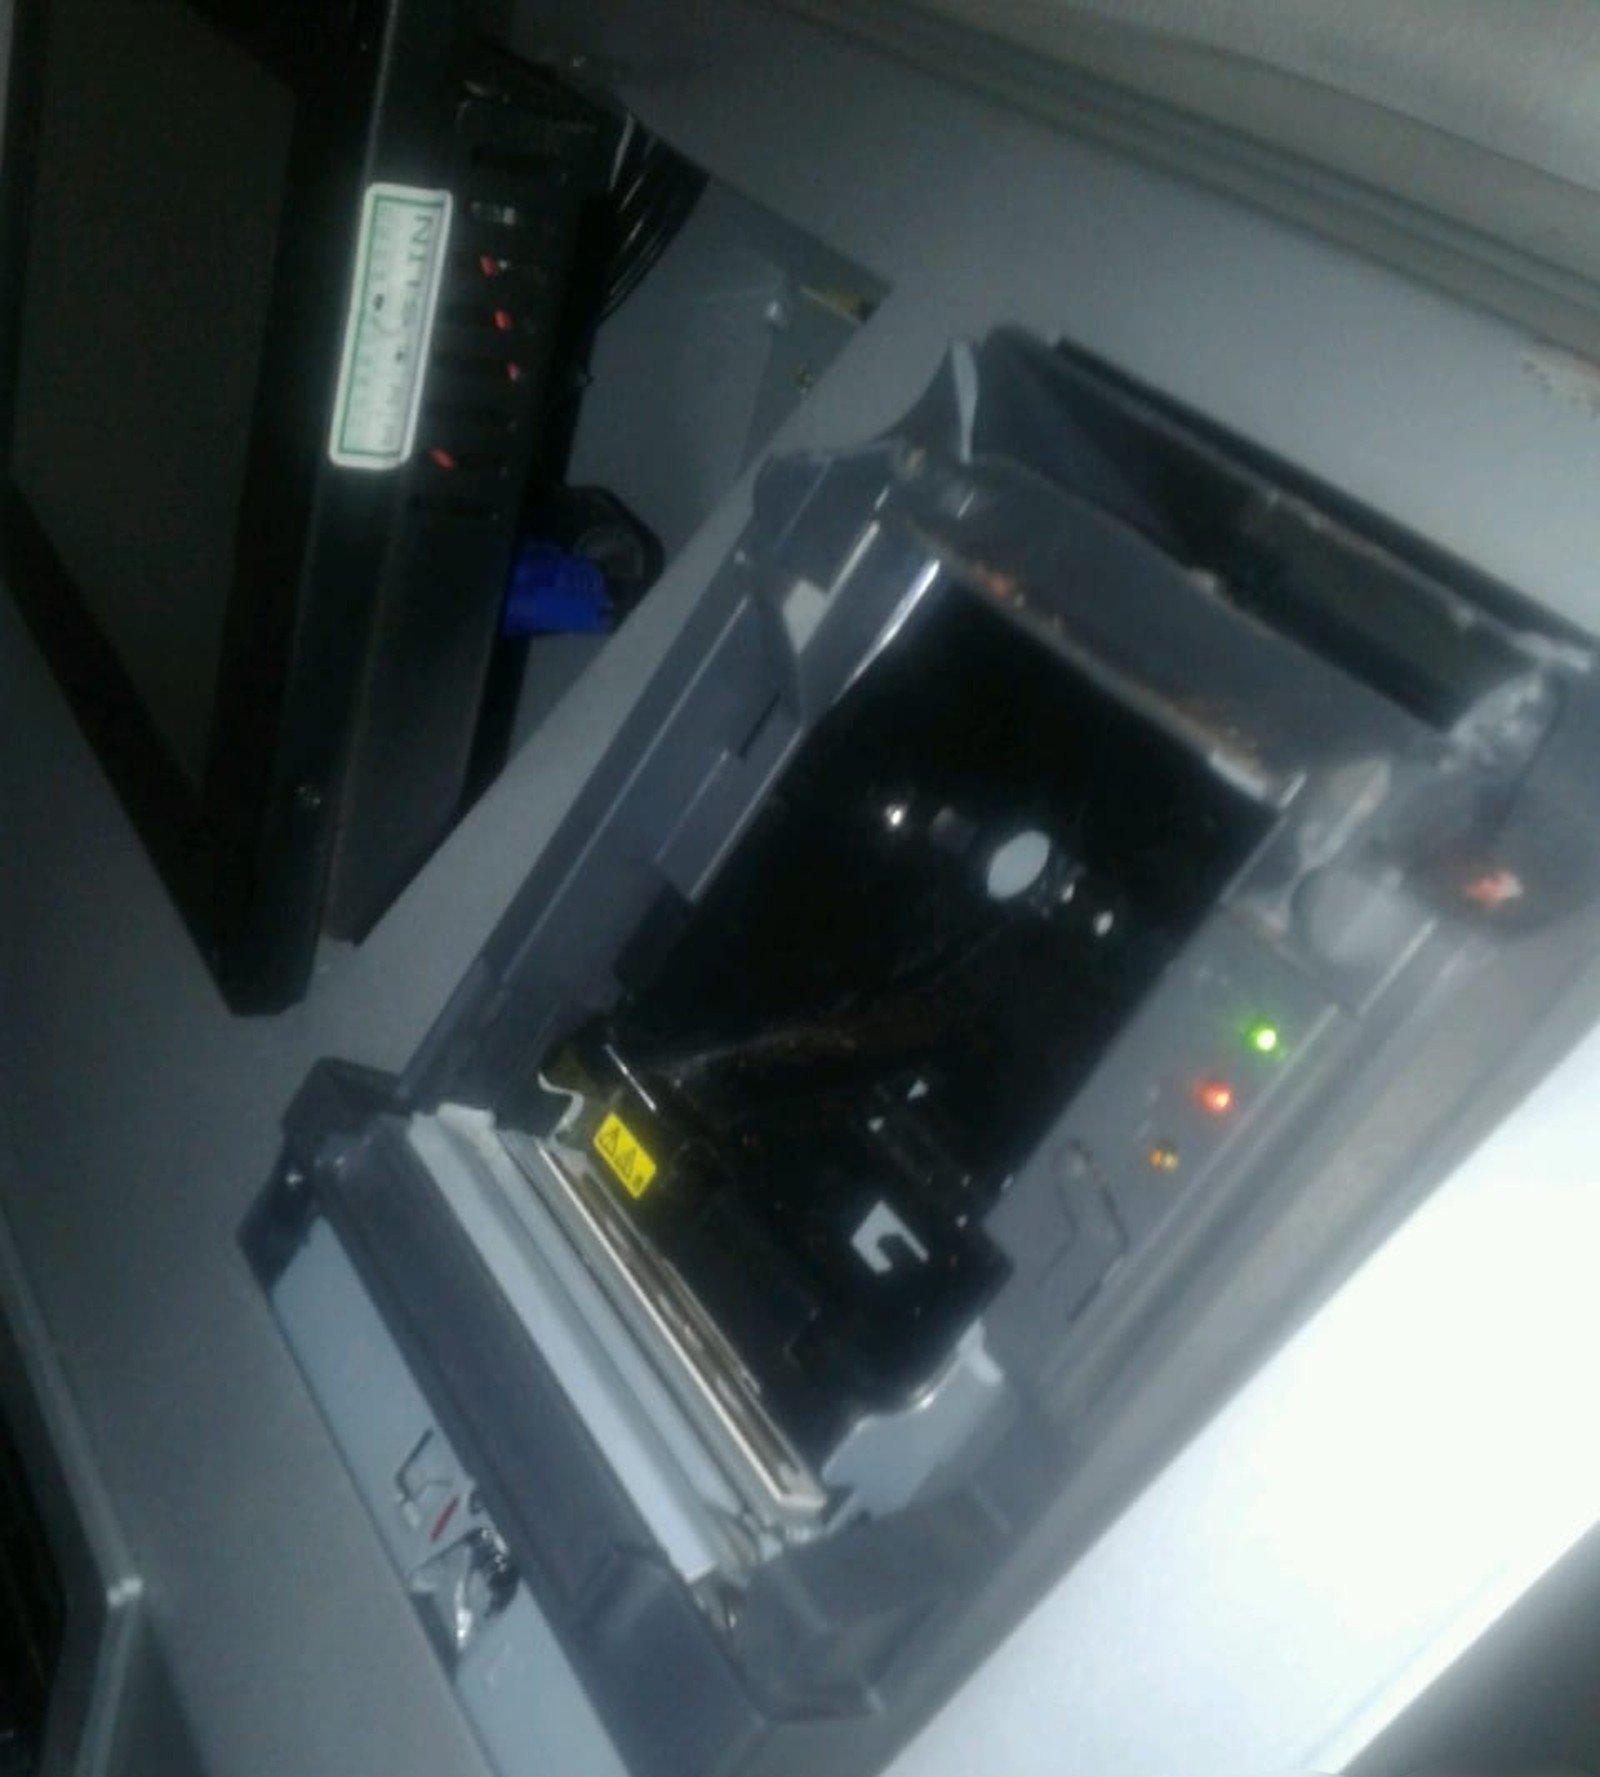 Criminosos invadem correspondente de banco em MT, roubam R$ 750 e fogem após alarme disparar